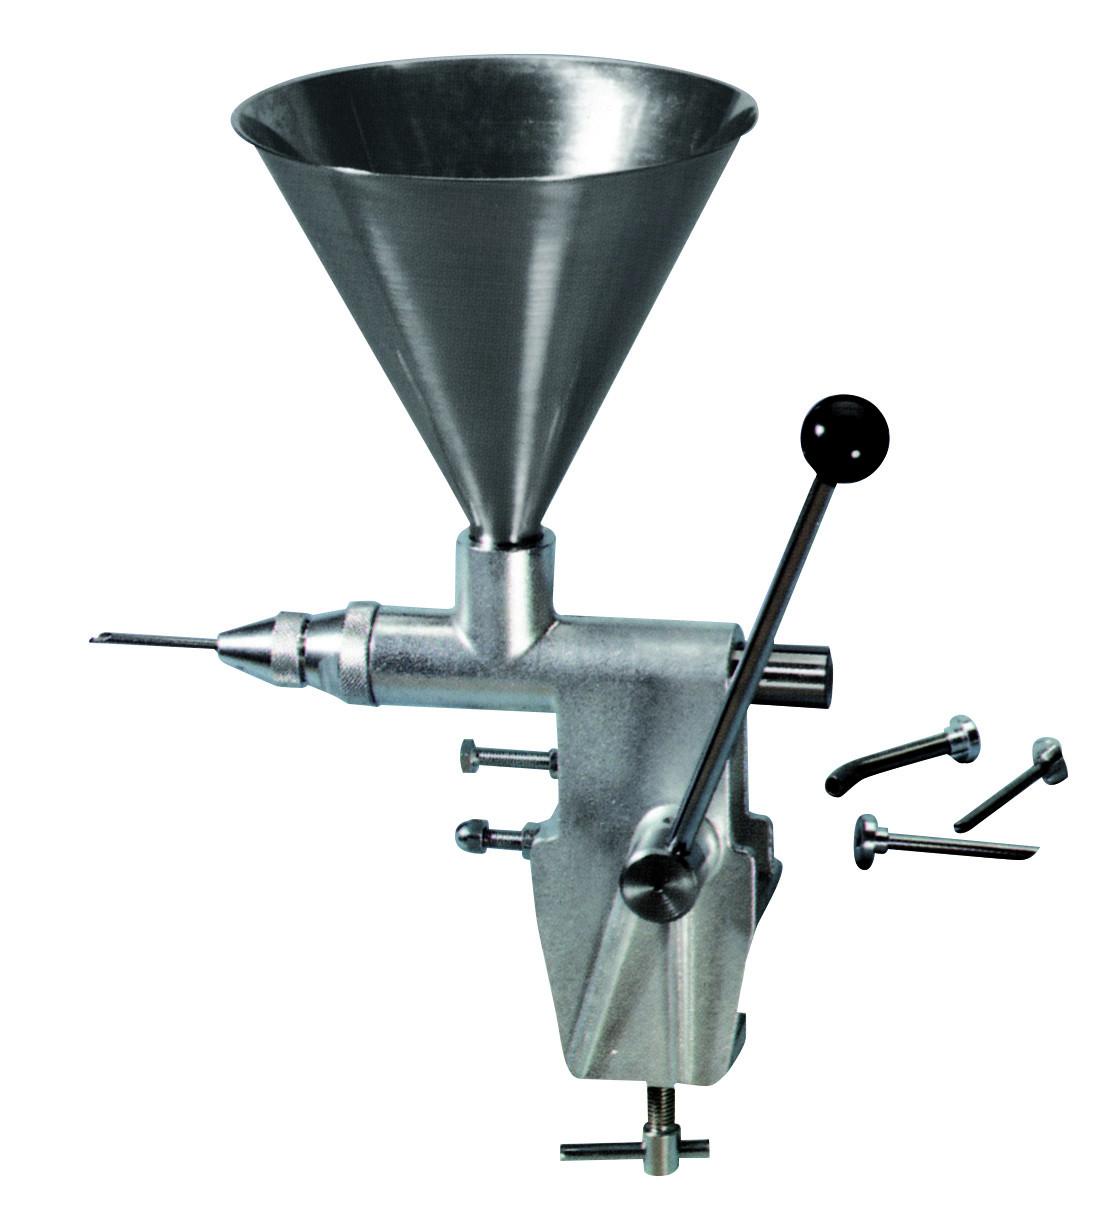 Venta de Repuestos Inyectora de crema de 3 litros